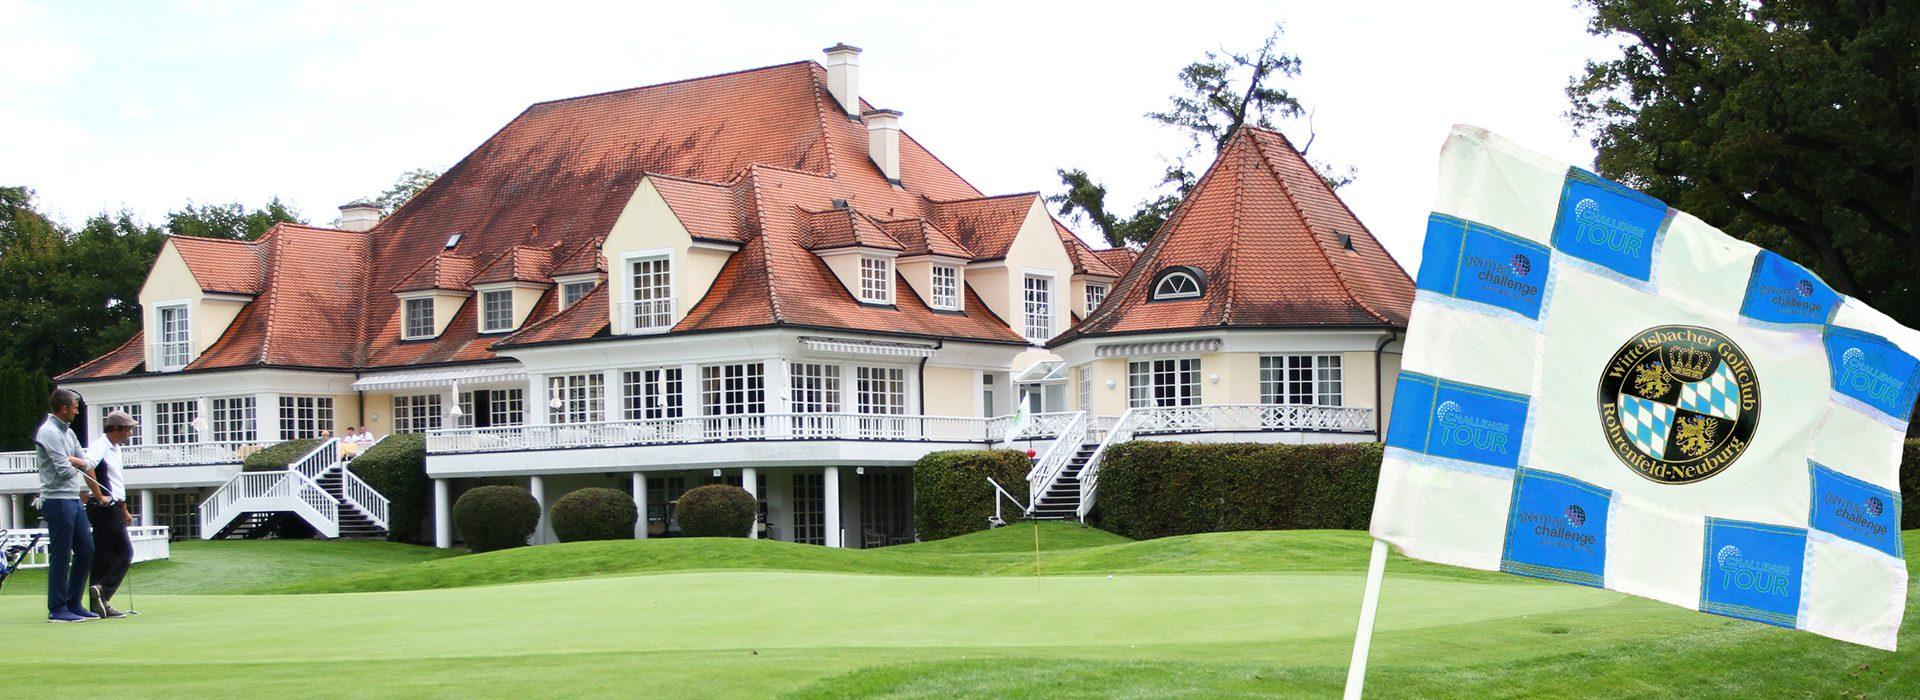 German Challenge Wittelsbacher Golf Club